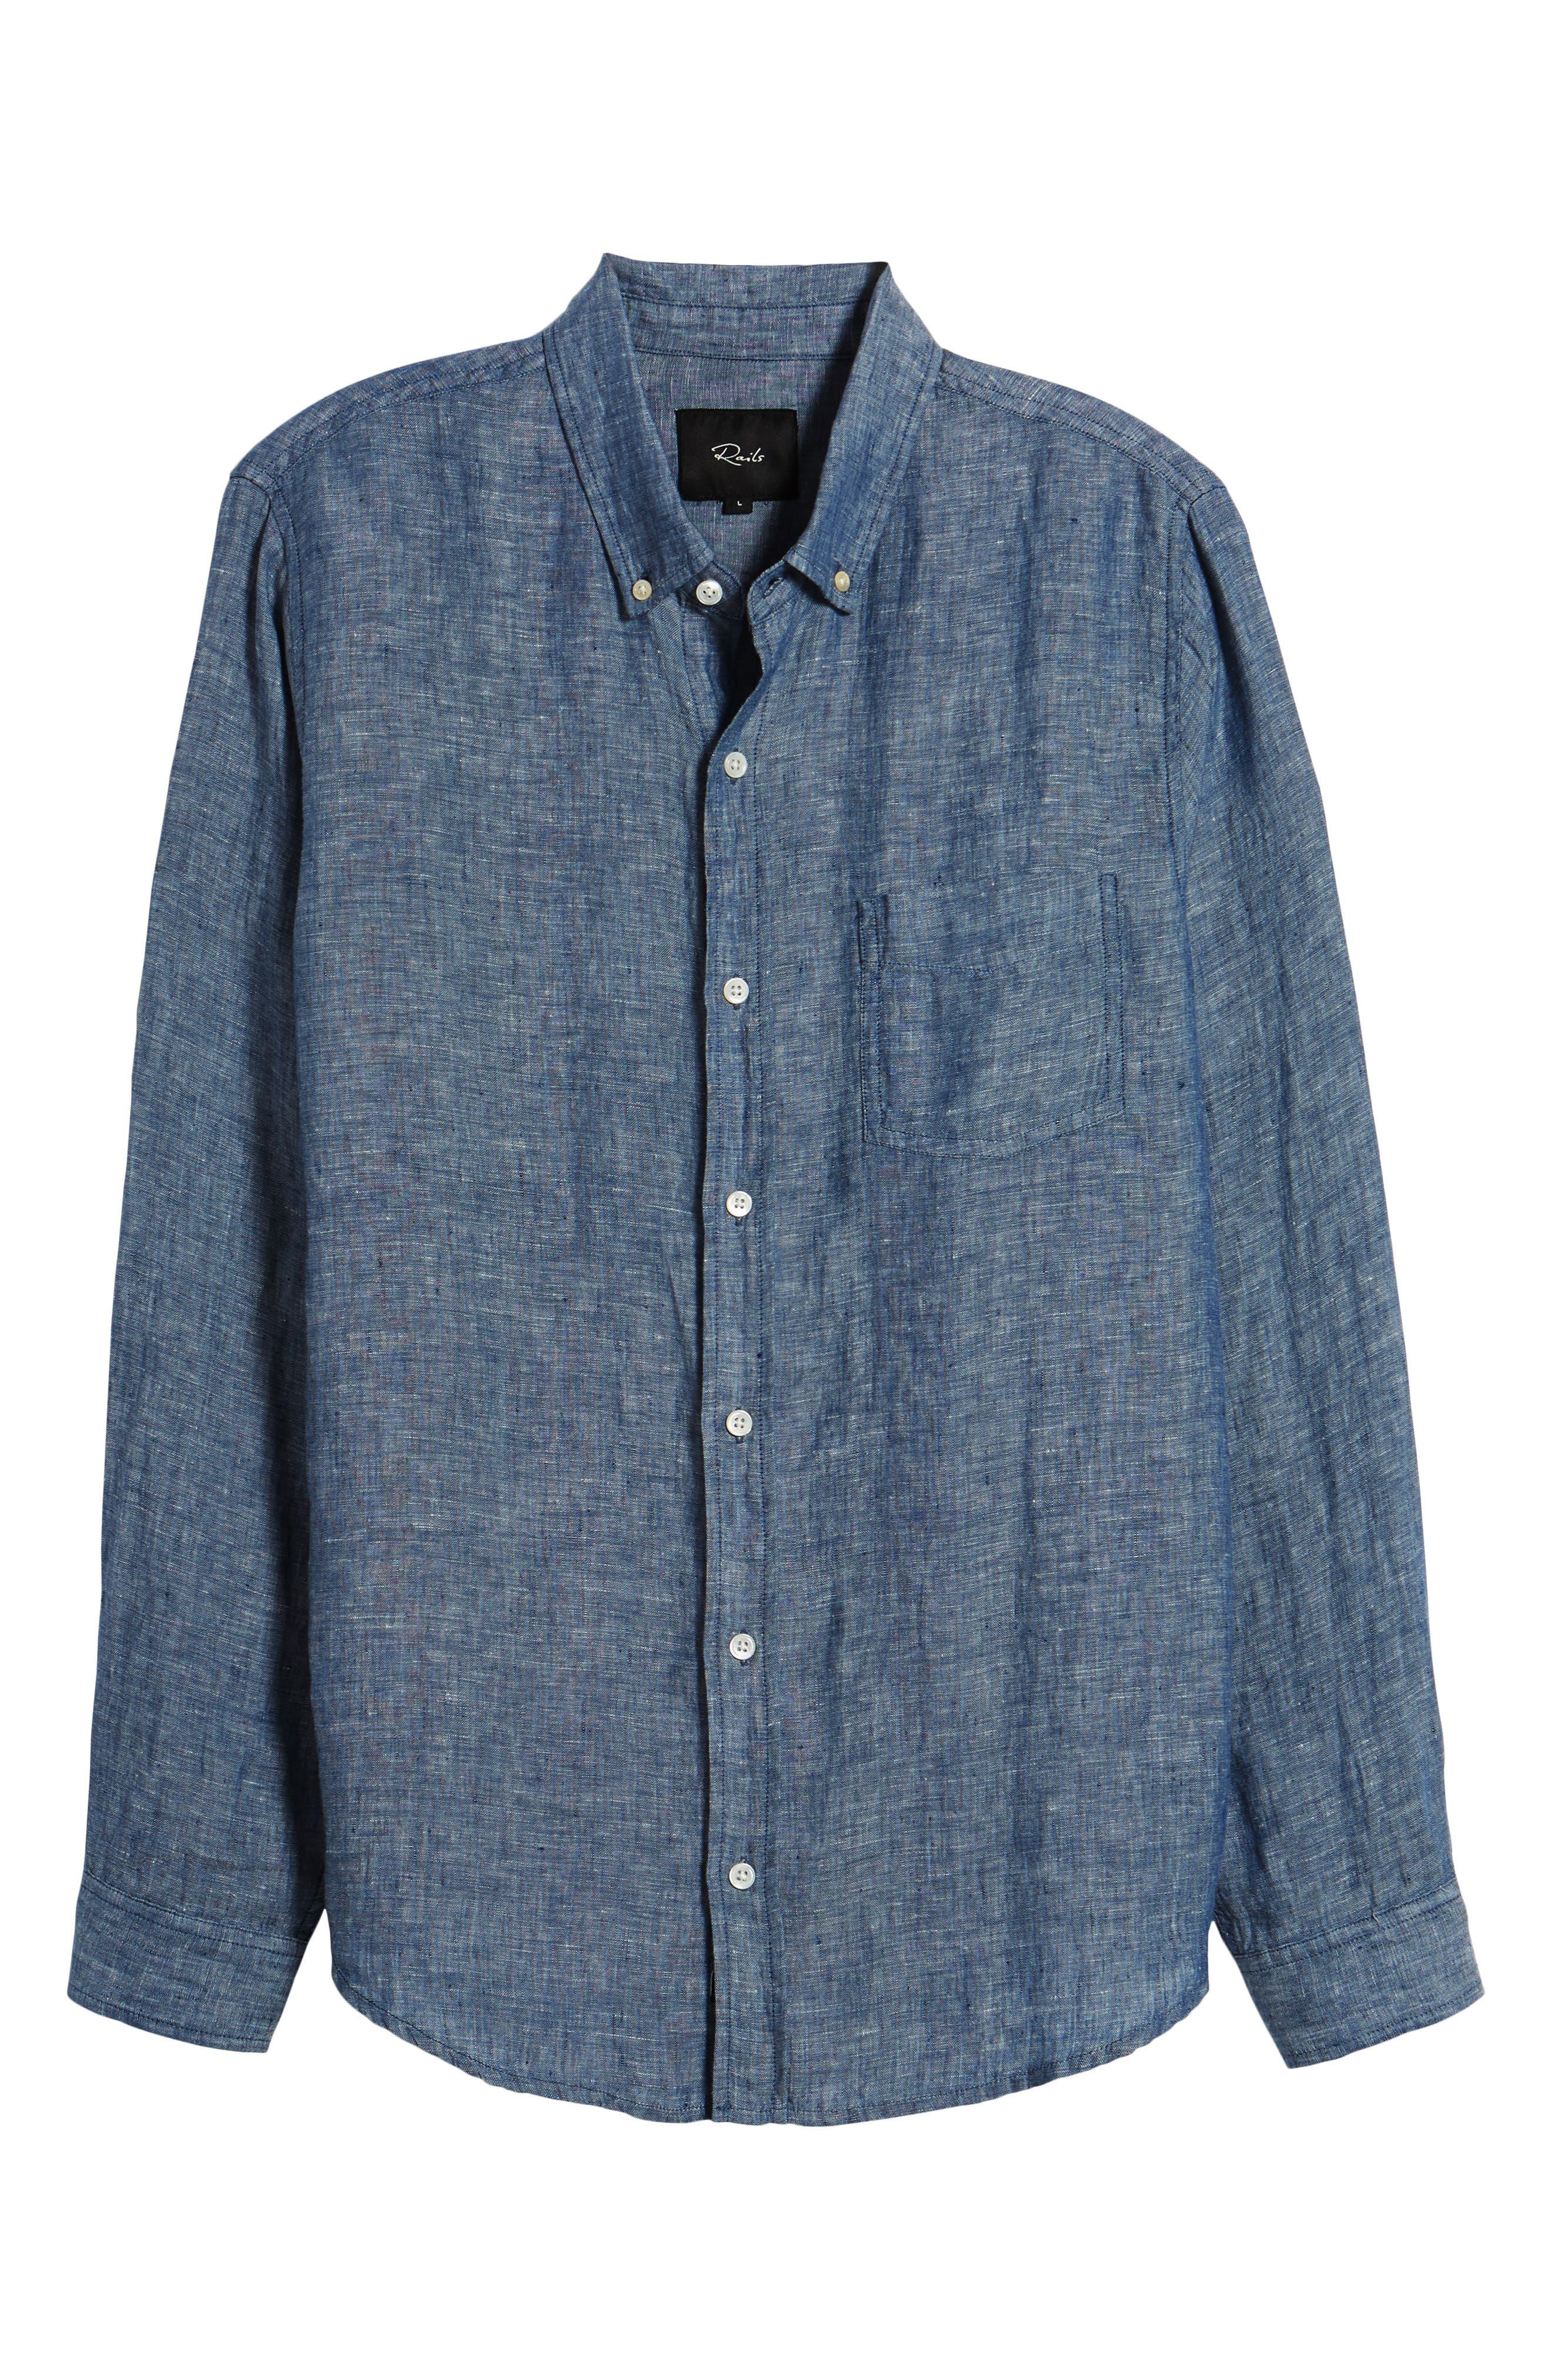 Bennett Linen Sport Shirt,                             Alternate thumbnail 6, color,                             Chambray Blue